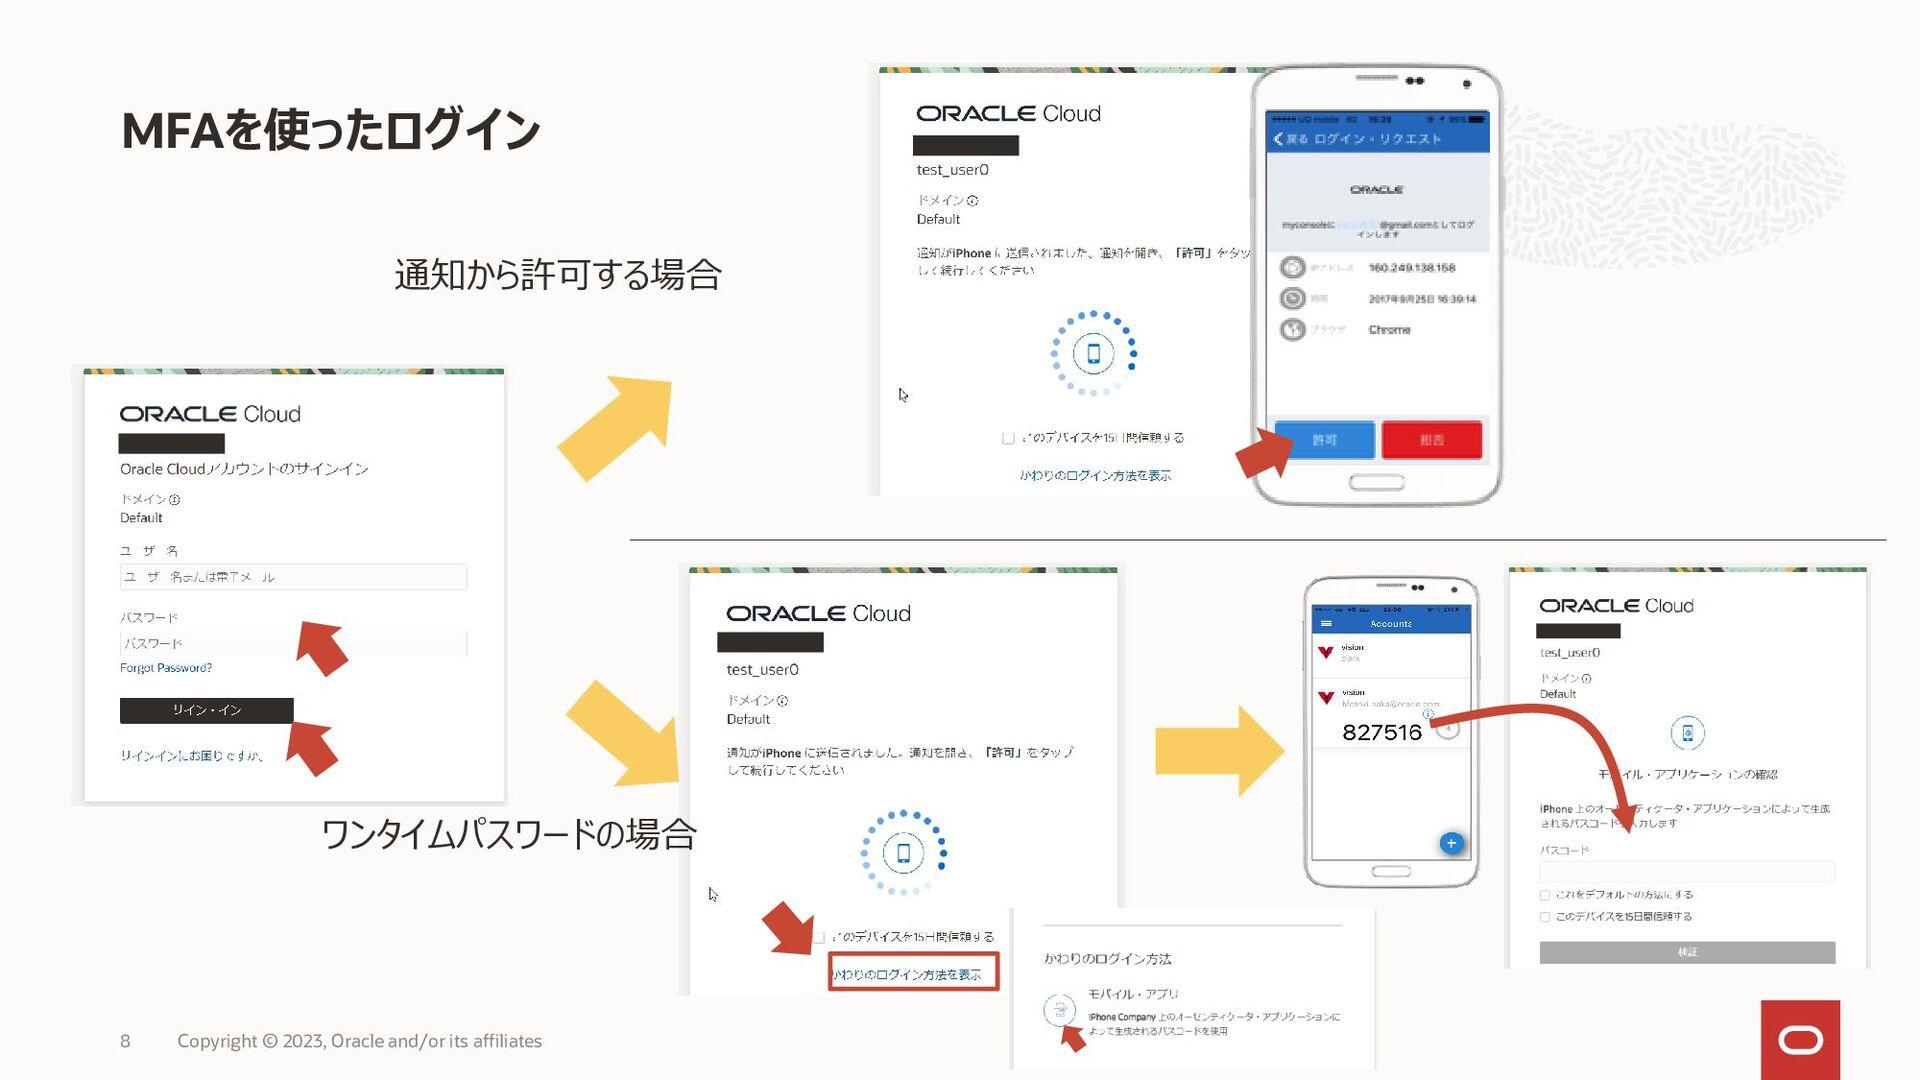 http://console.ap-tokyo-1.oraclecloud.com/ URL ...